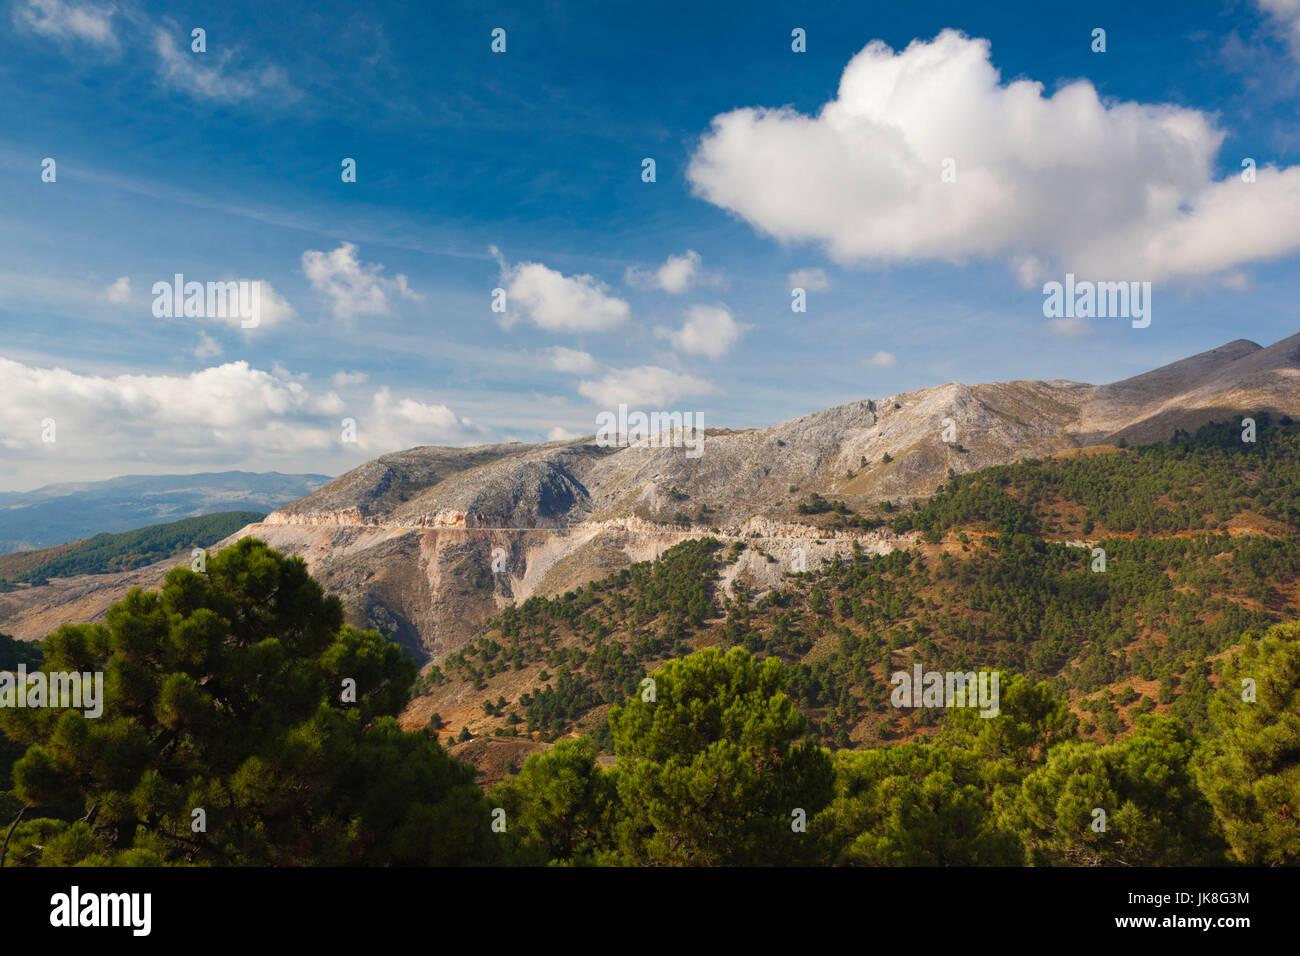 Spain, Andalucia Region, Malaga Province, Ronda-area, mountain landscape of the Serrania de Ronda mountains - Stock Image